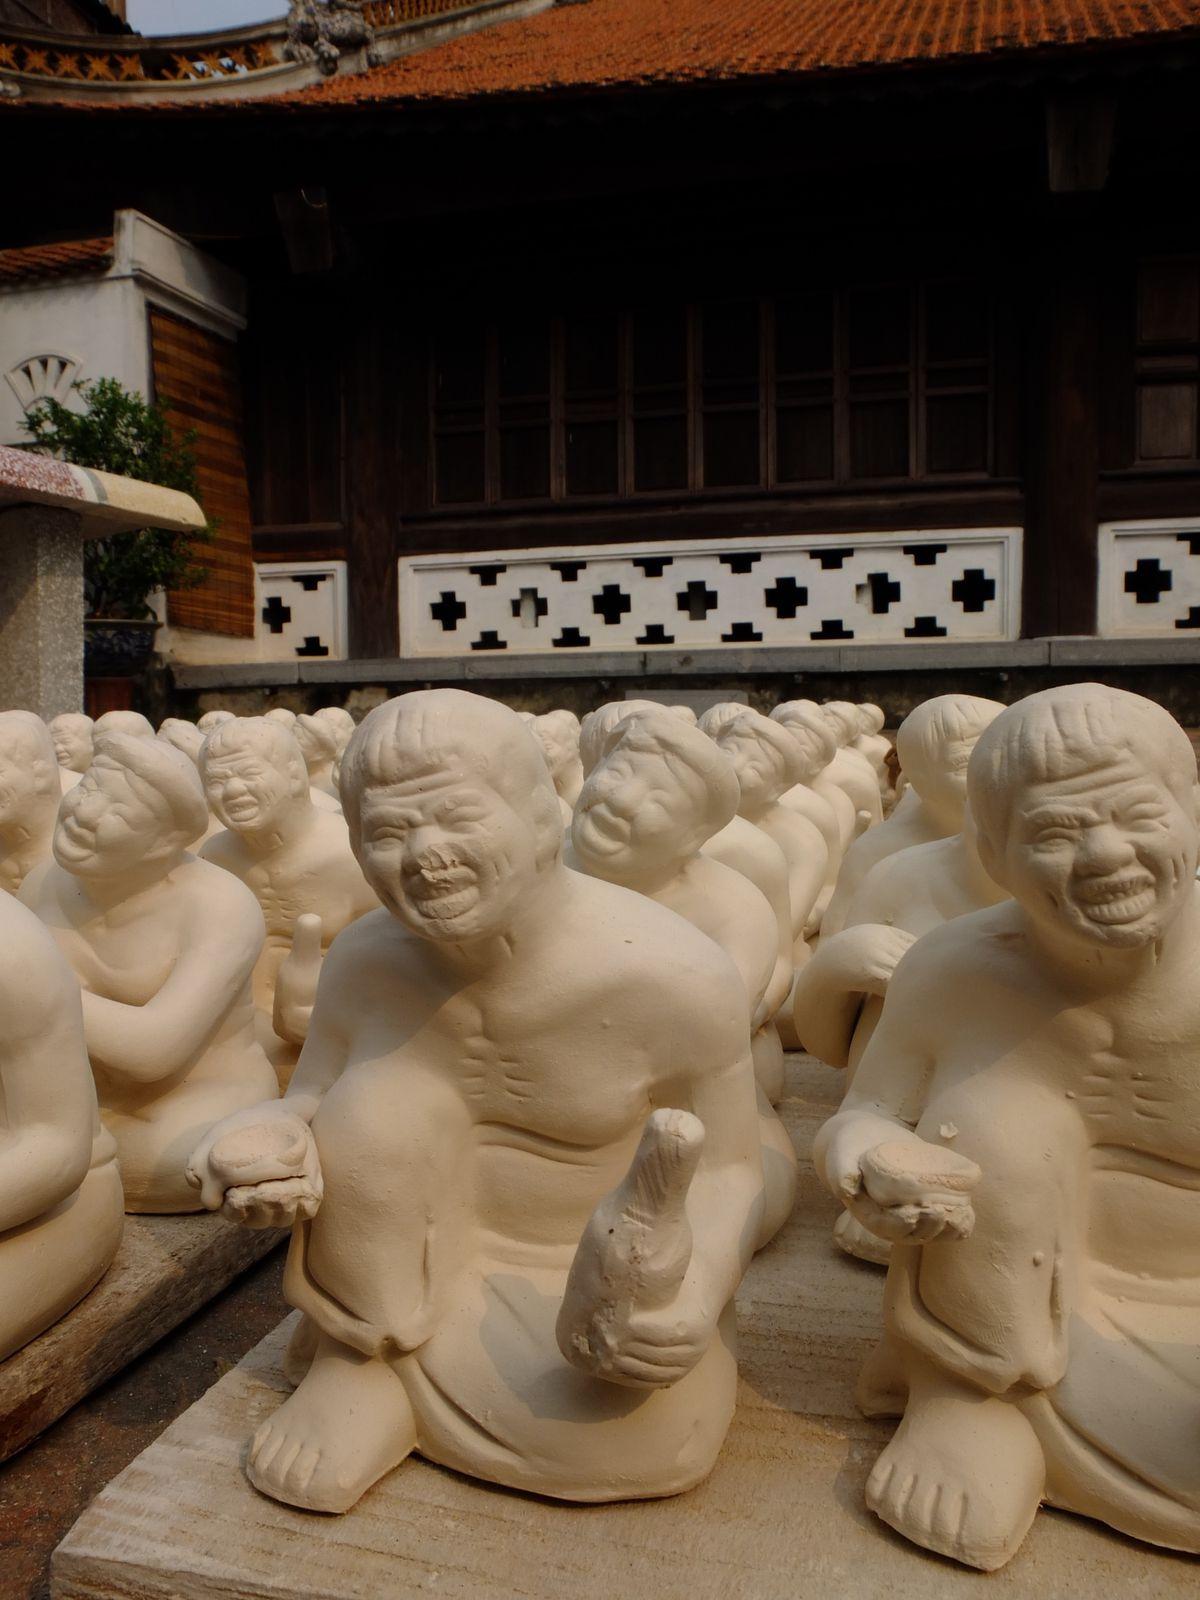 Bàt Trang. A une heure de Hanoi vers le sud, c'est le village où est travaillée de manière traditionnelle la céramique.